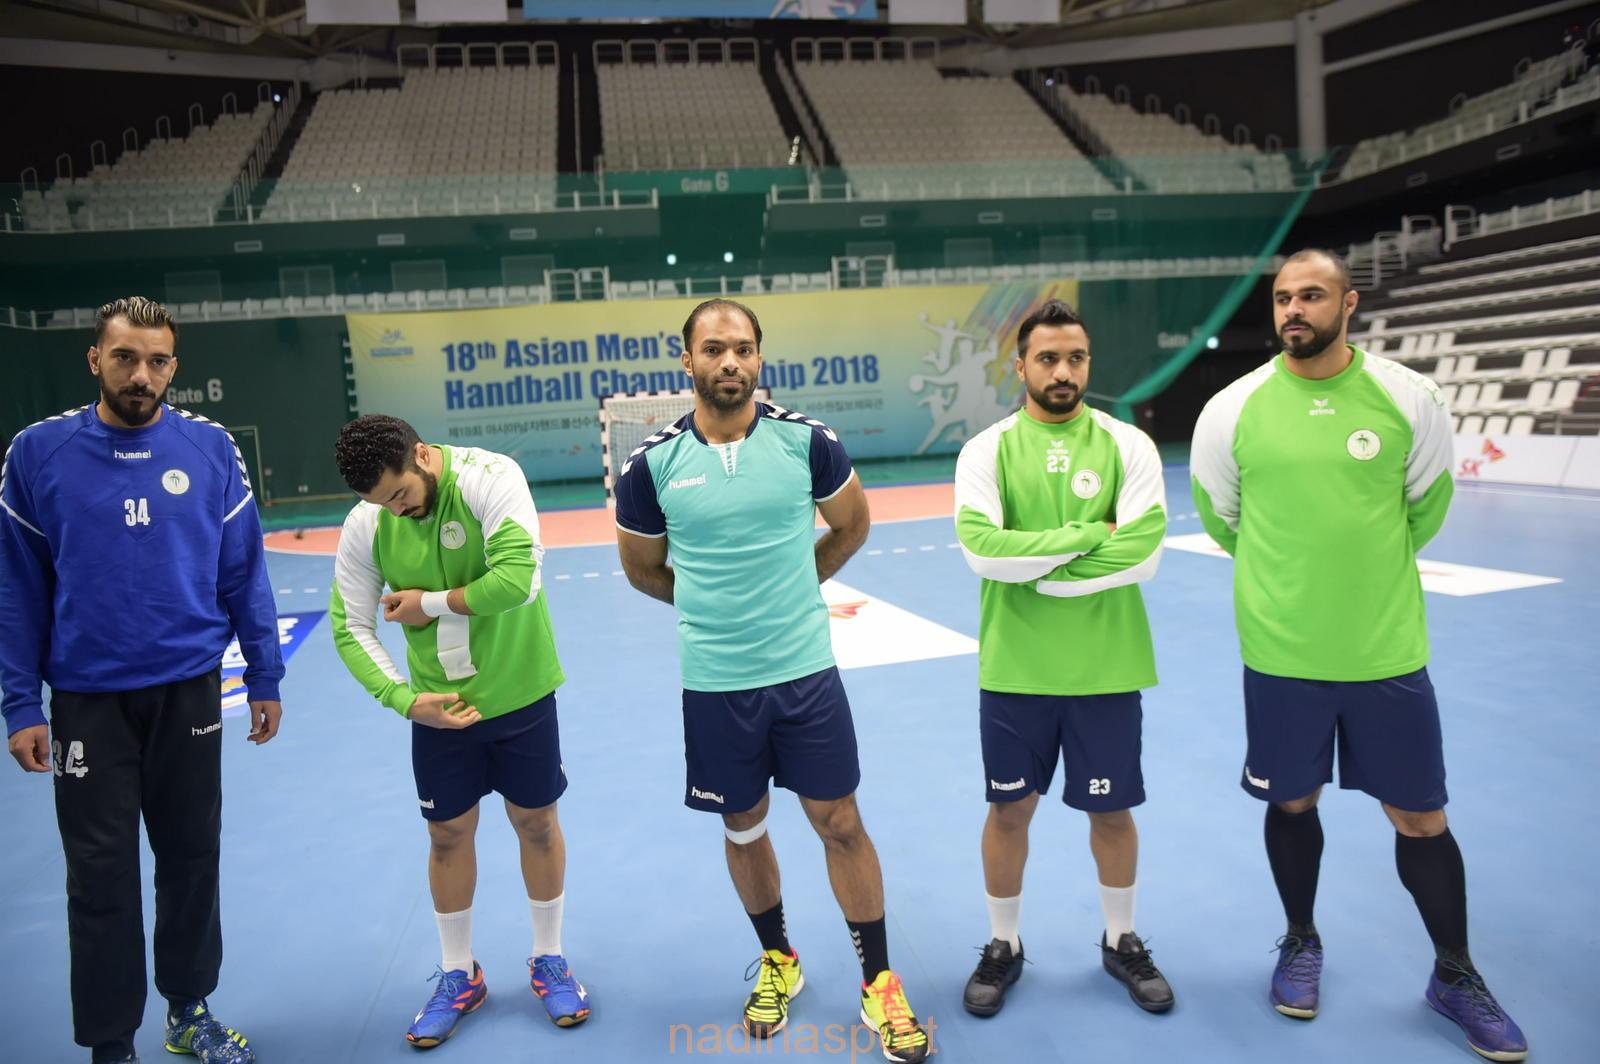 أخضر اليد يرفع وتيرة الاستعداد للتصفيات الآسيوية المؤهلة لكأس العالم